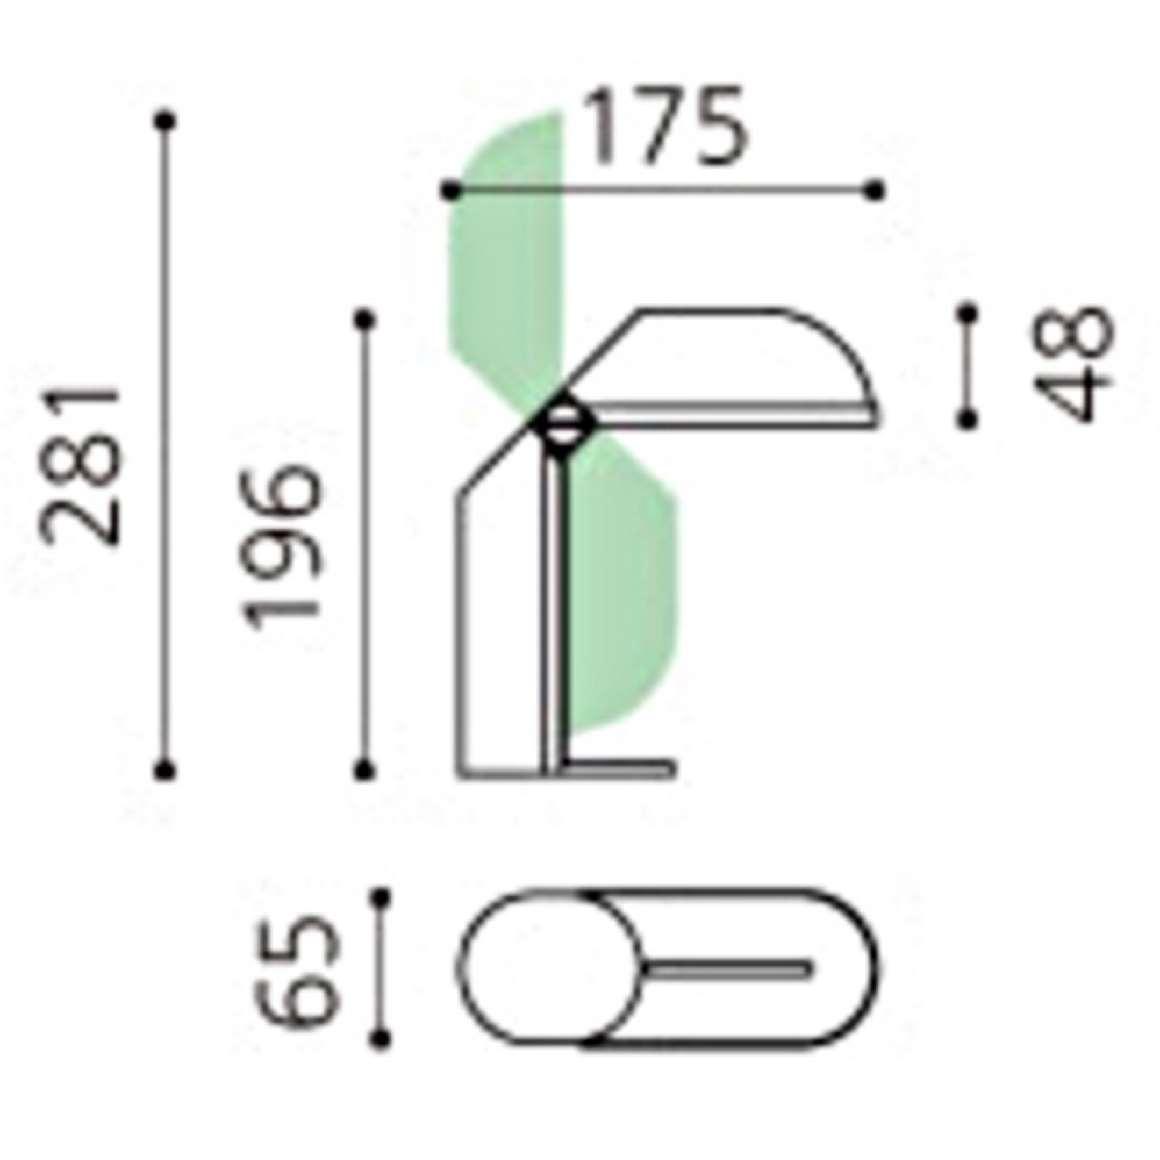 Foldable plastic table lamp Tronconi Fase Vrieland Happylight Fischer Leuchten Massive MCM scheme